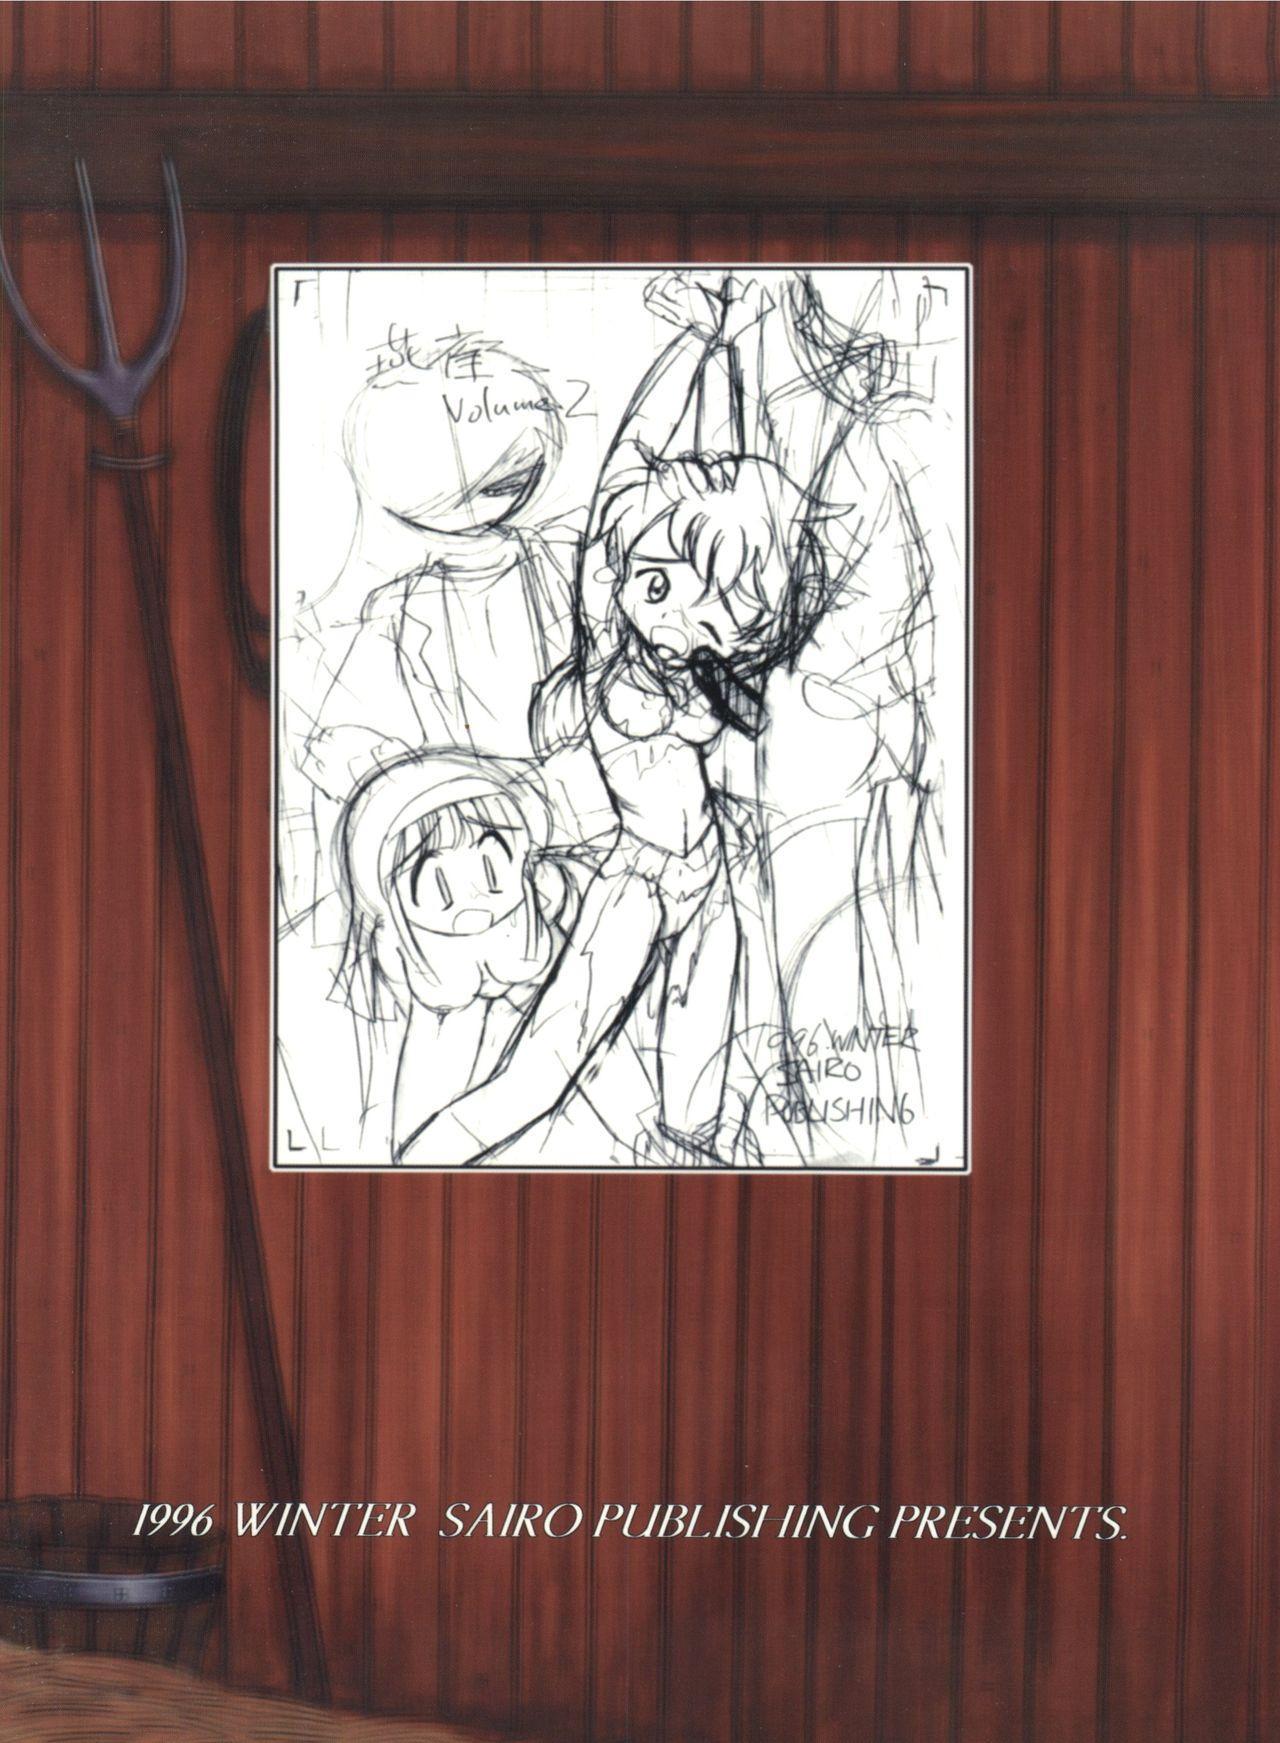 [Sairo Publishing (J. Sairo) En-Jack 2 (Various) 97